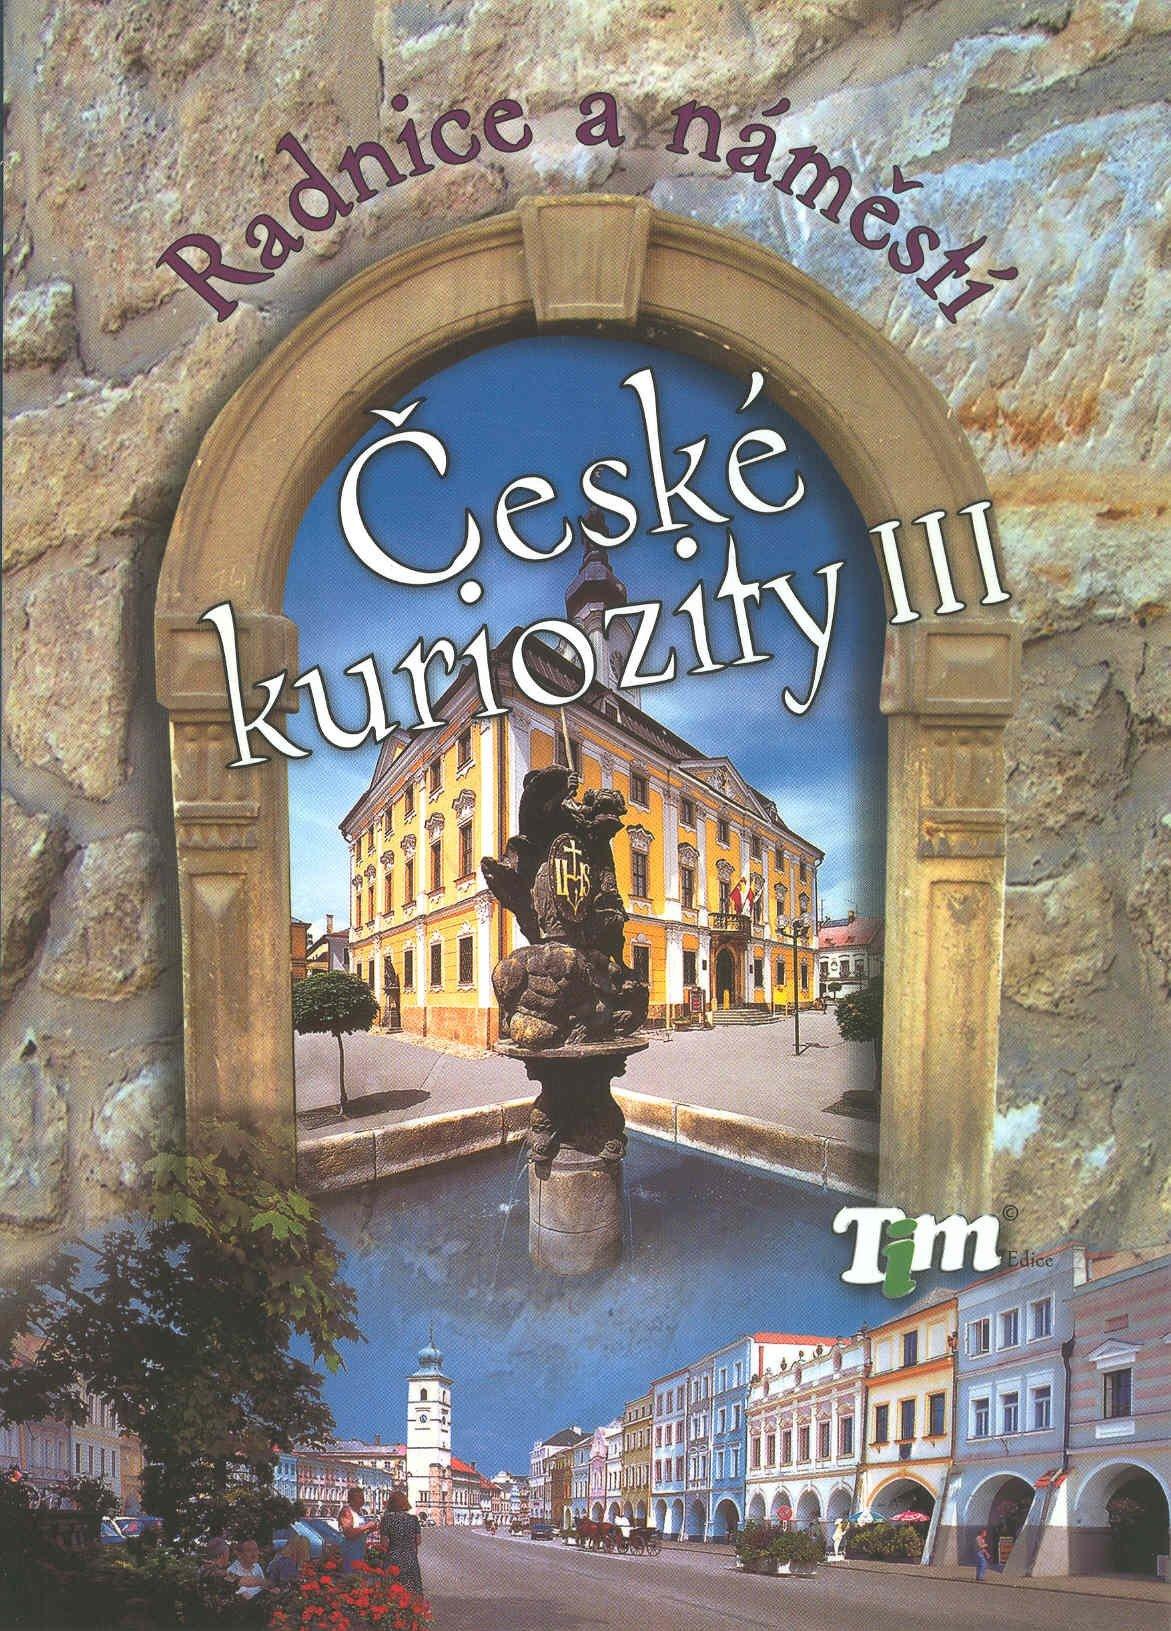 České kuriozity III - Radnice a náměstí